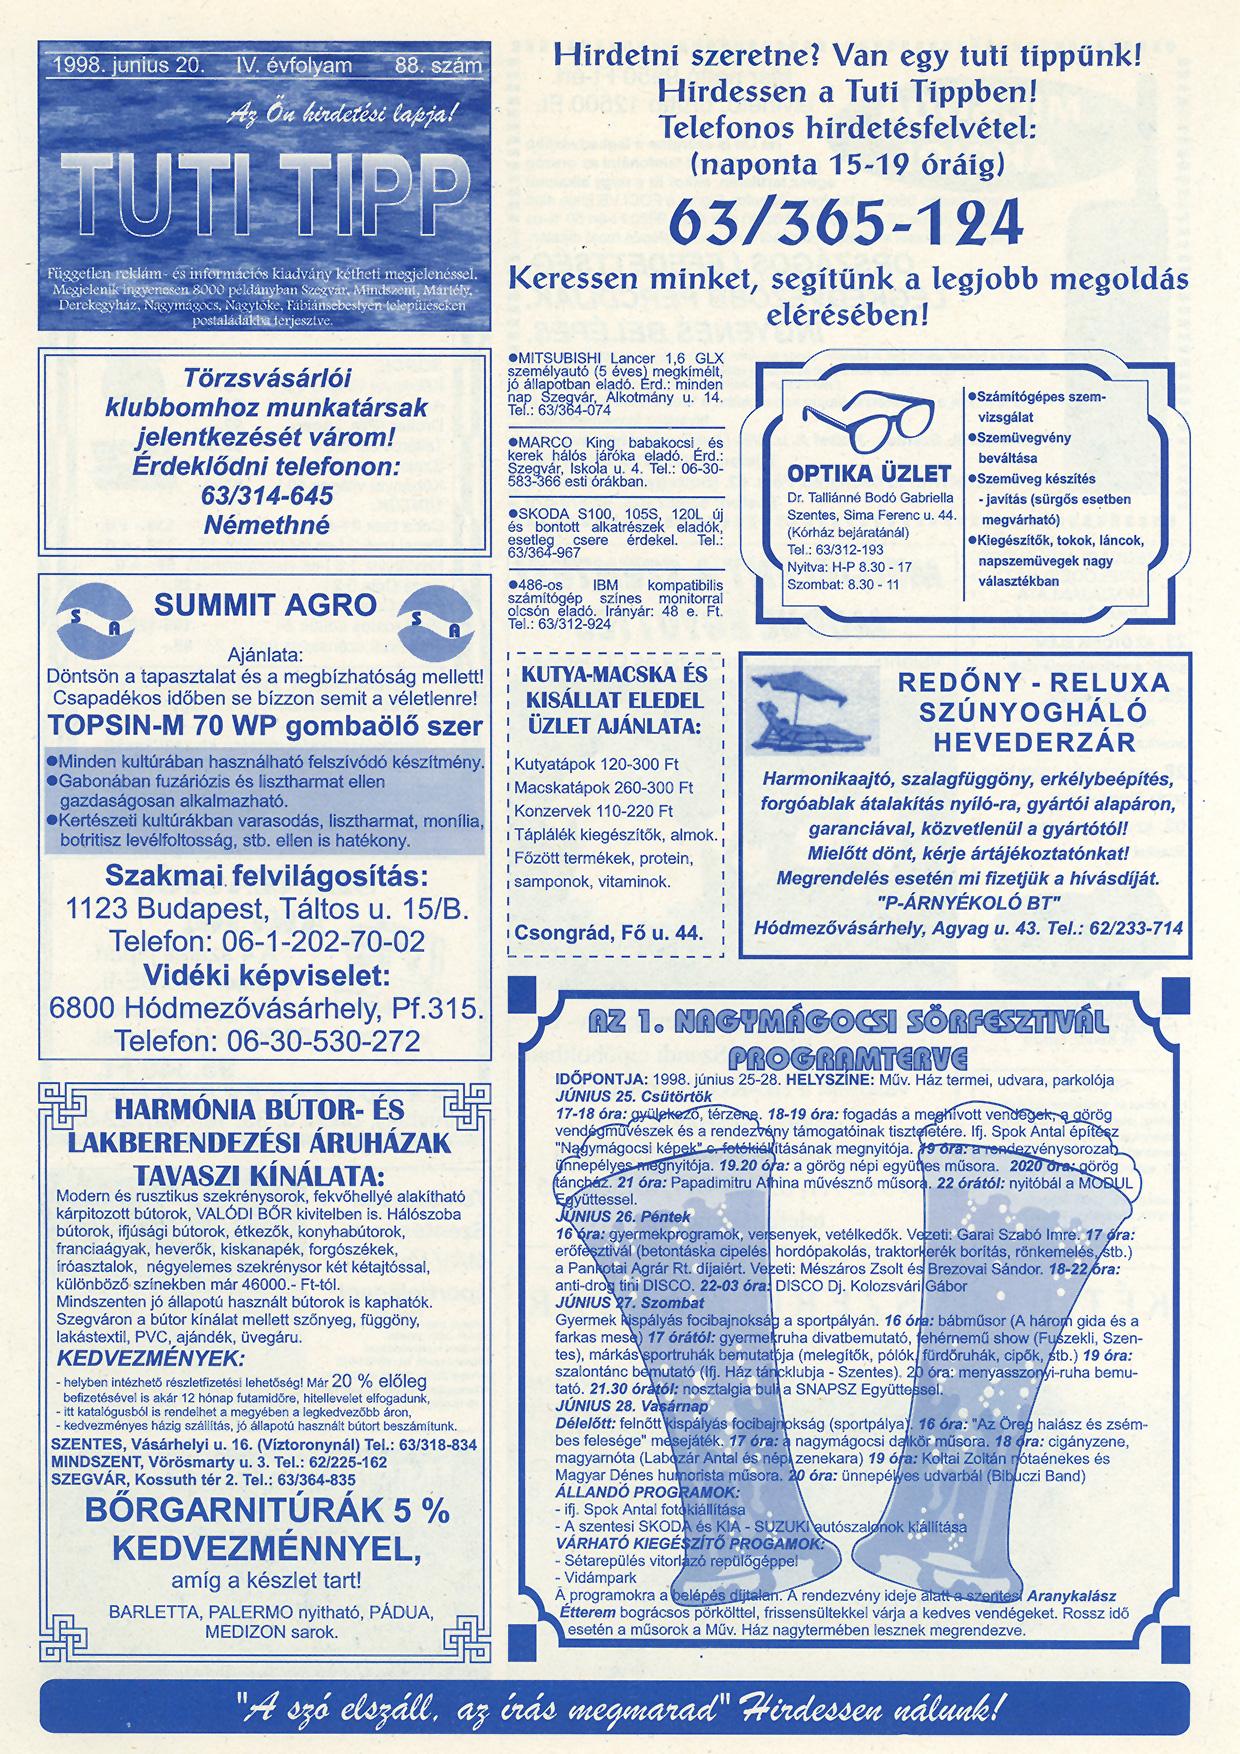 023 Tuti Tipp reklámújság - 19980620-088. lapszám - 1.oldal - IV. évfolyam.jpg